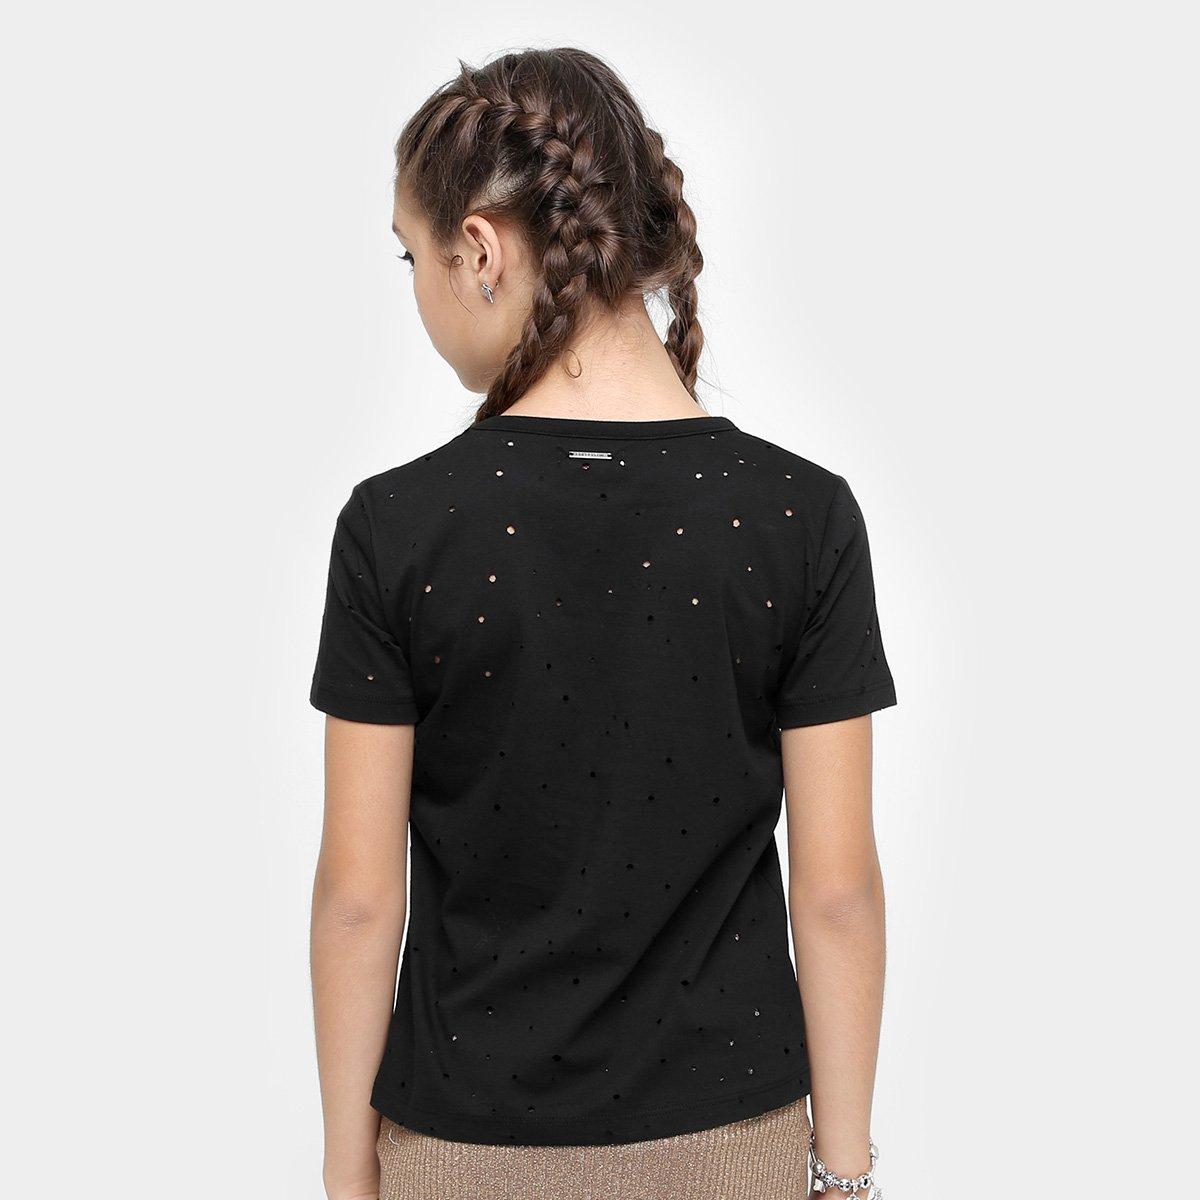 Feminina Camiseta Preto Fun Infantil Colcci Infantil Colcci Estampada Feminina Estampada Camiseta Preto Fun xU5RIP1qw